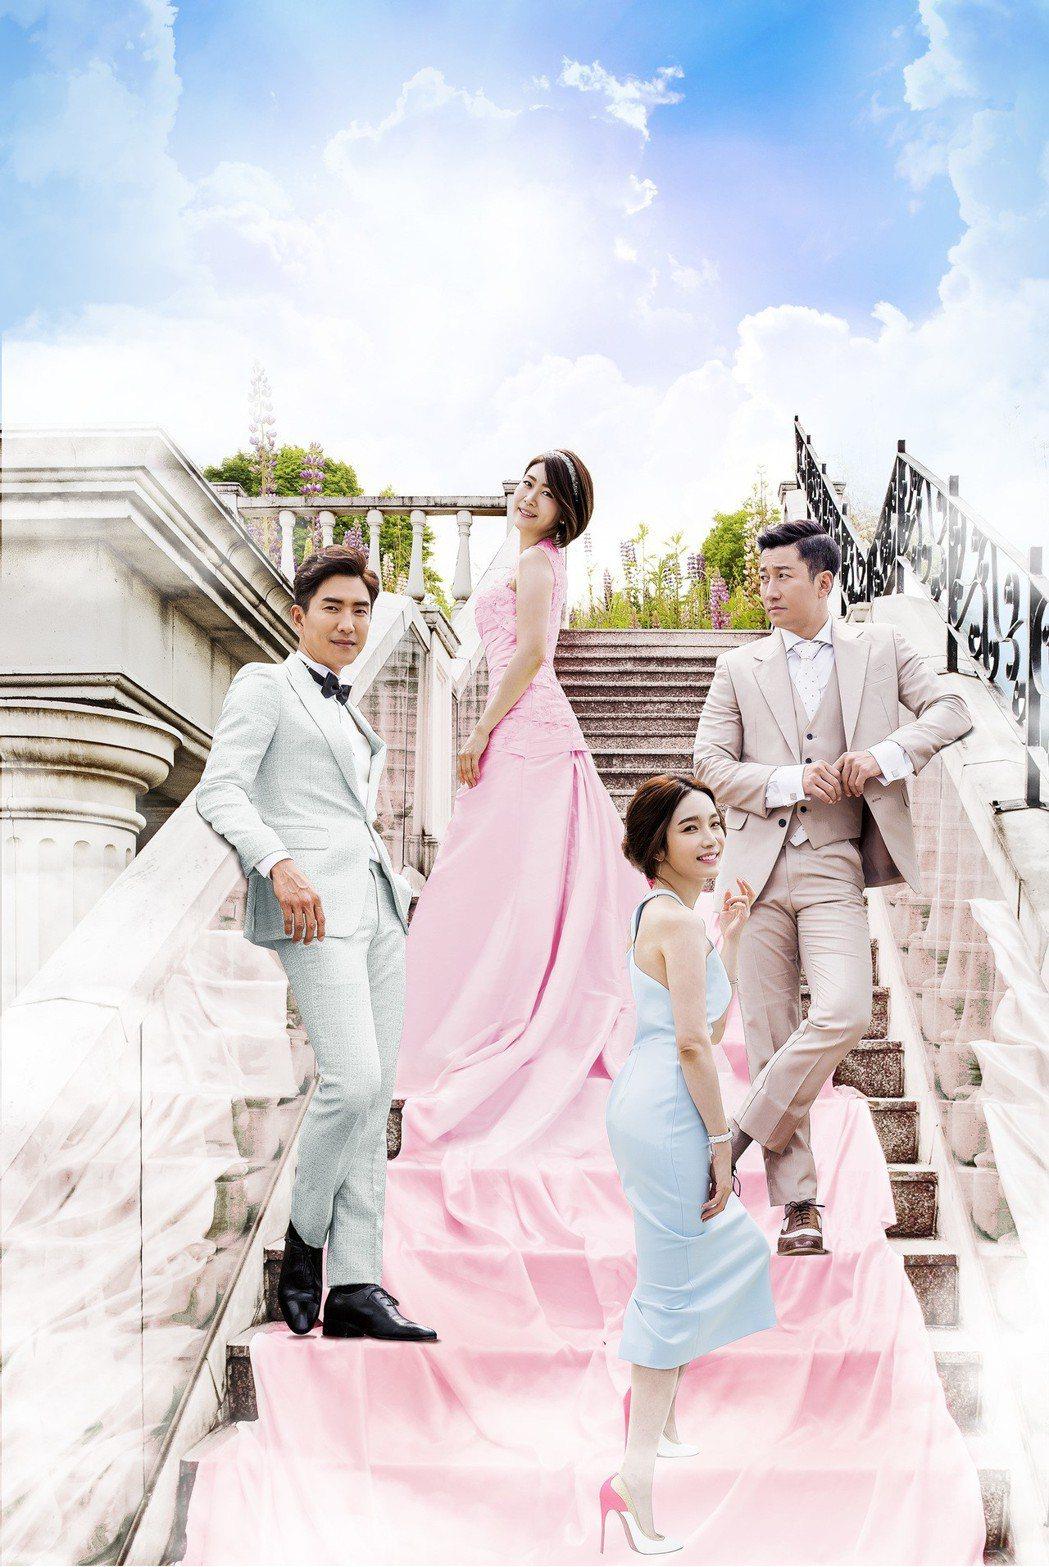 韓劇「愛情來了」由金智英主演。圖/緯來戲劇台提供